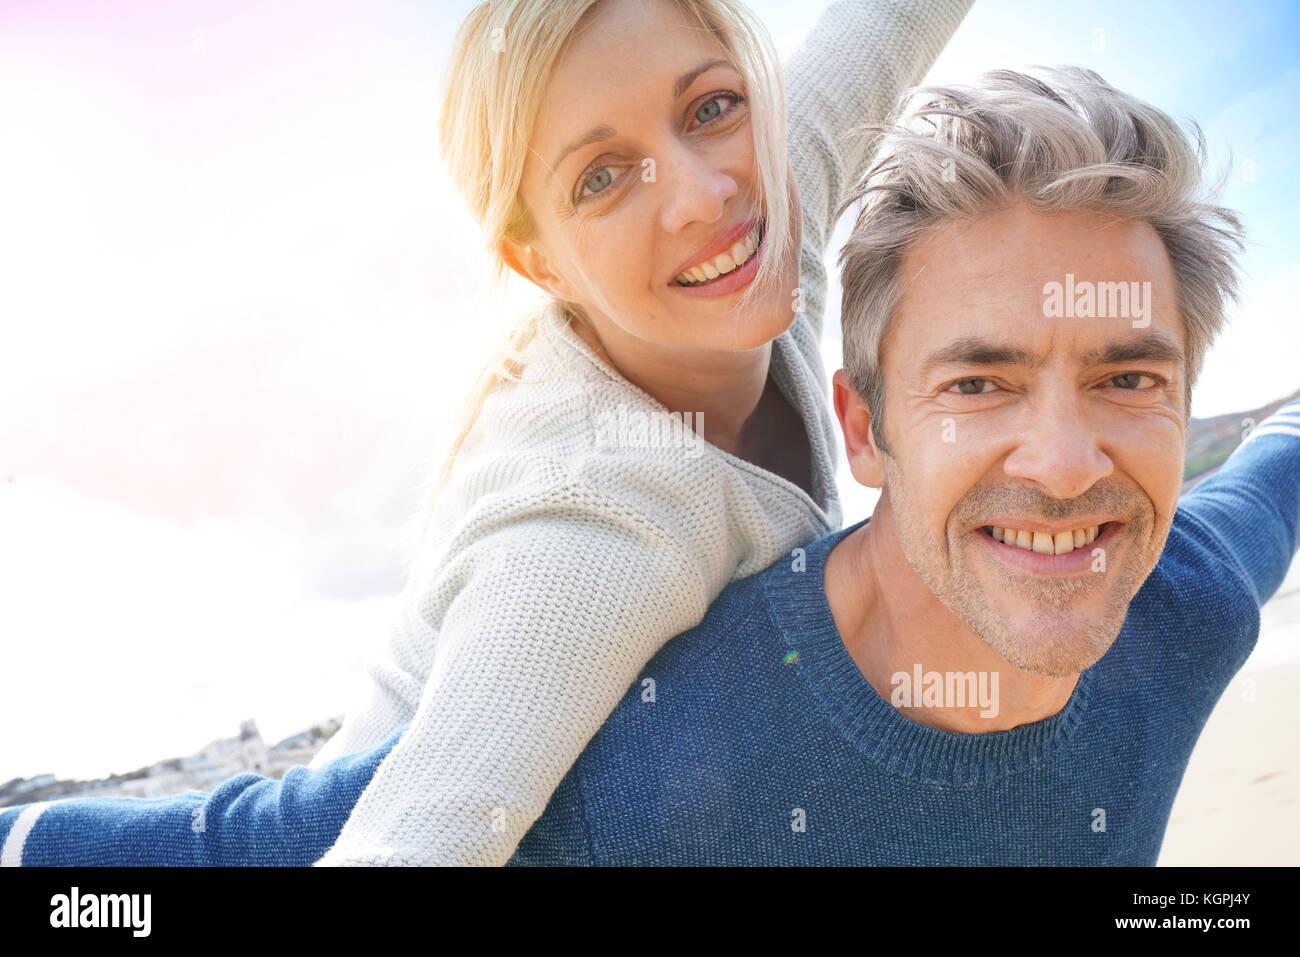 Hombre haciendo piggyback ride a mujer en la playa. Imagen De Stock